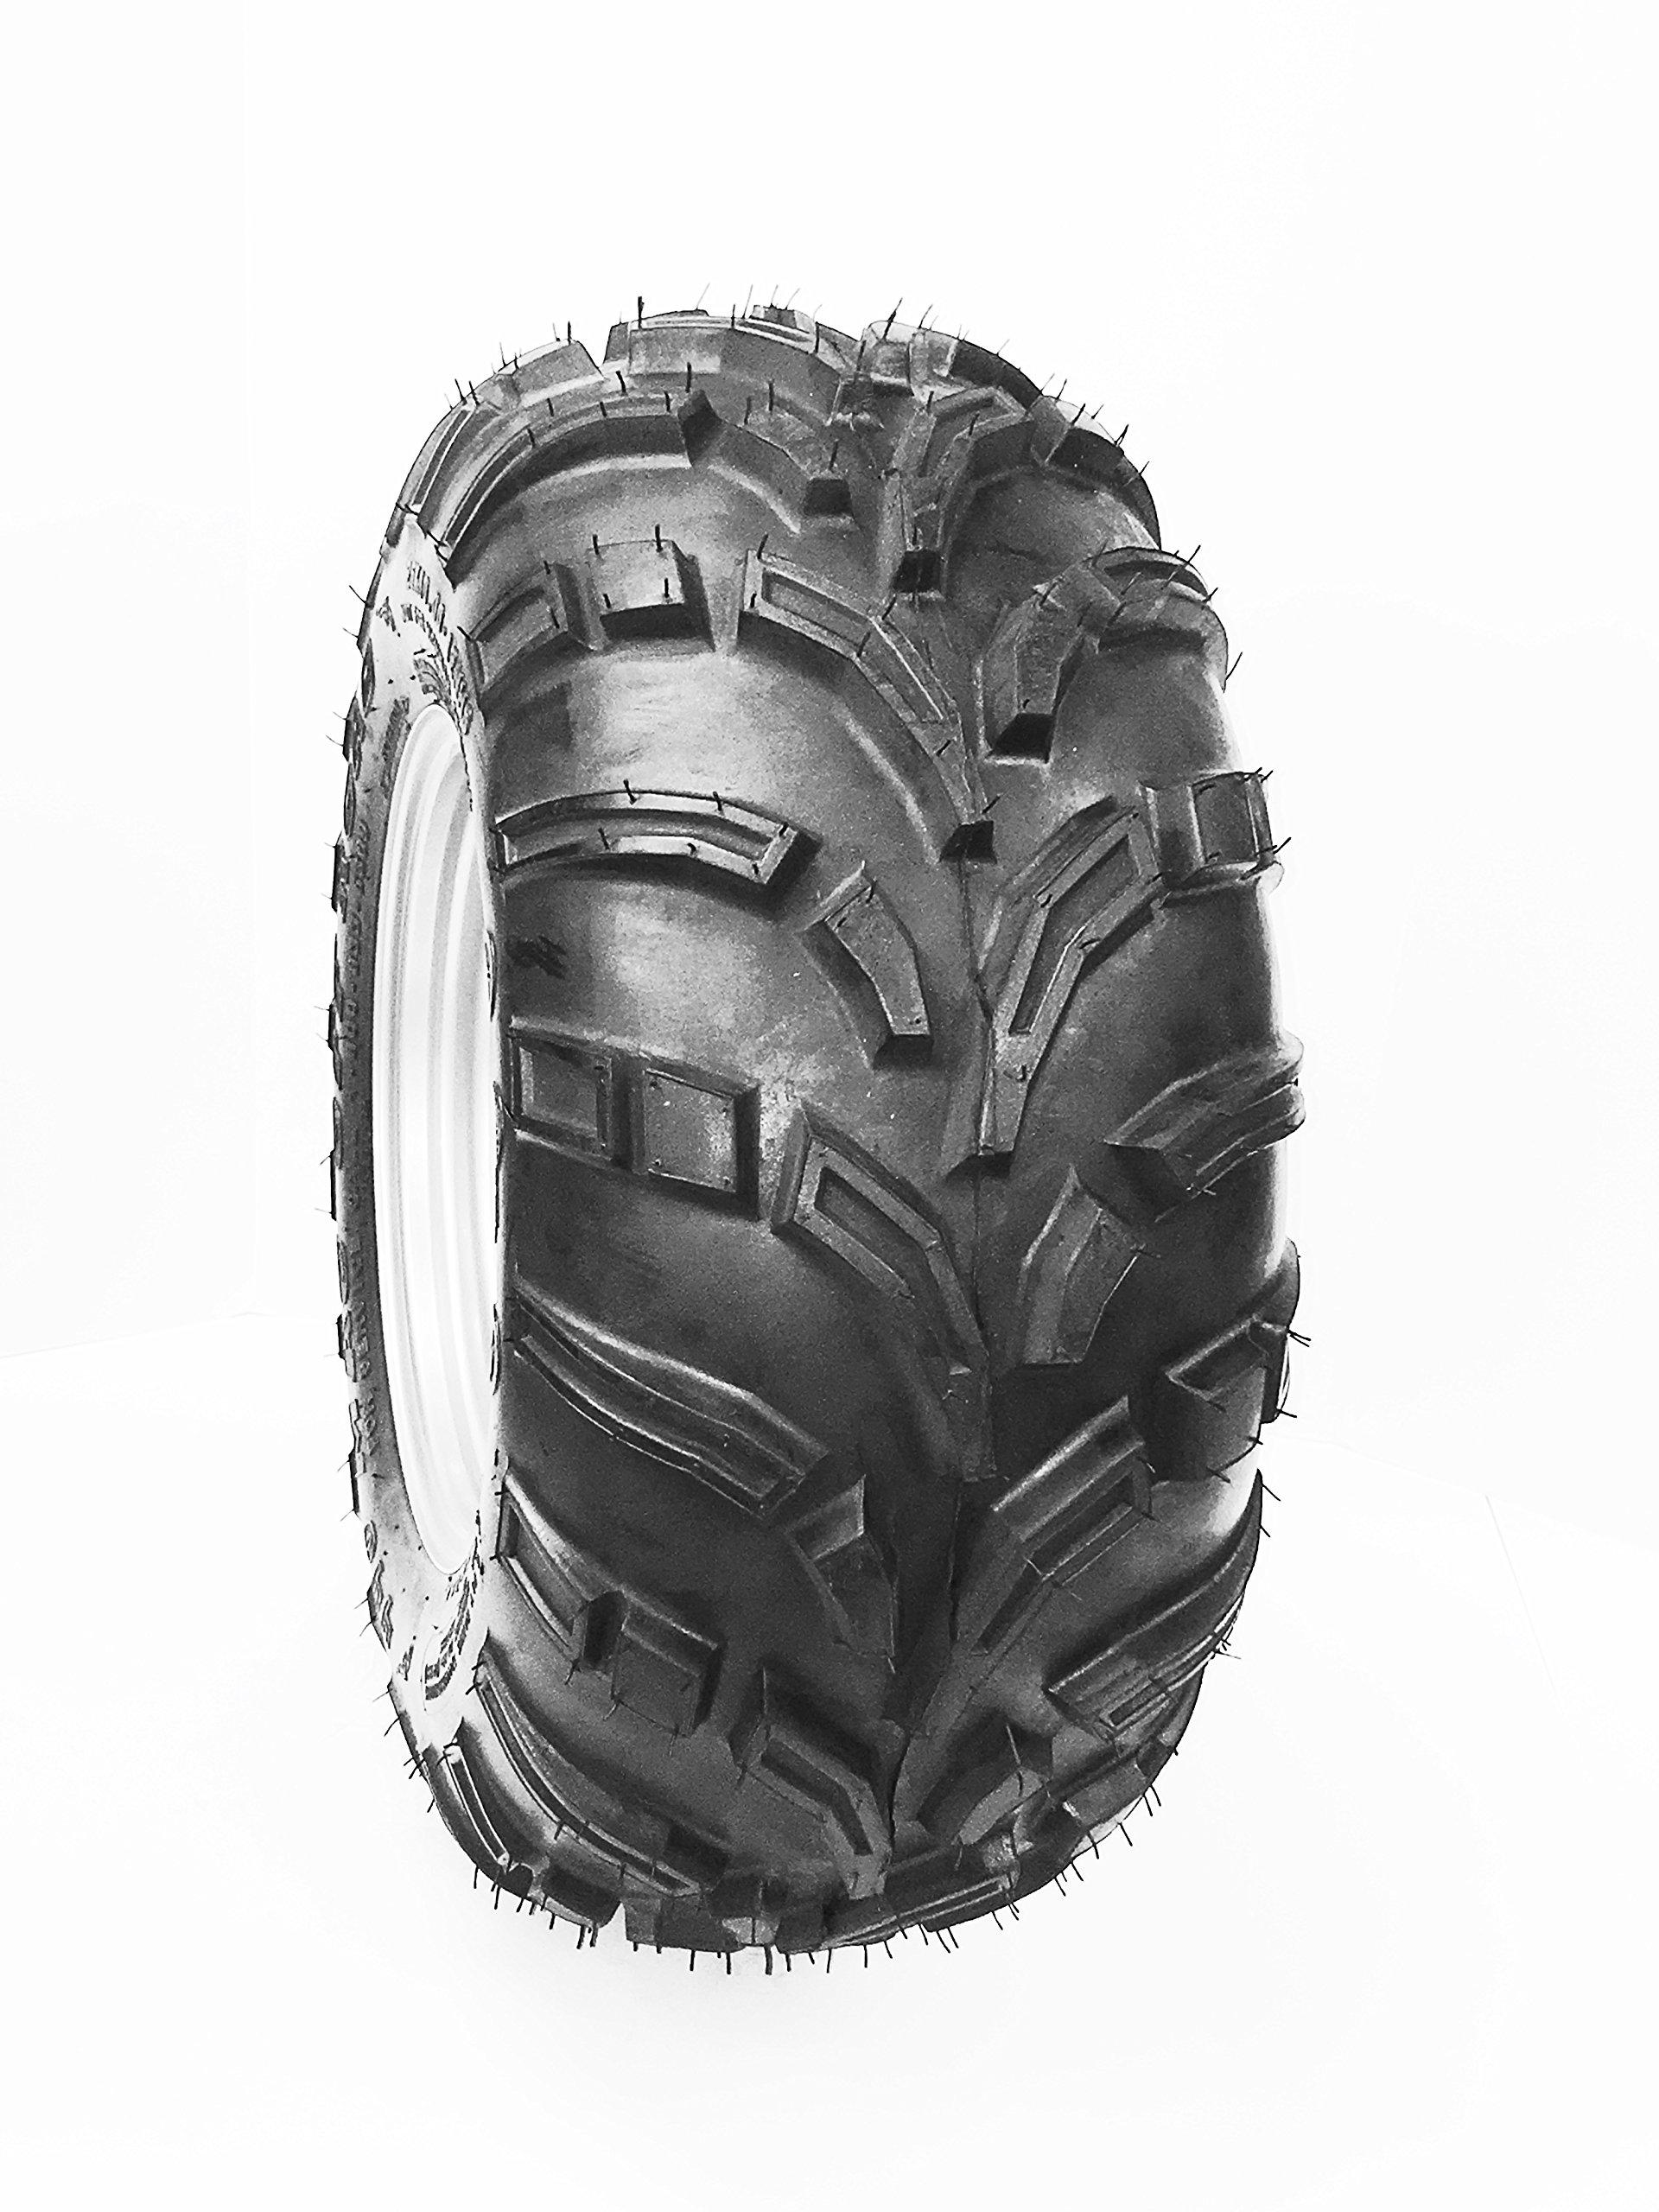 24X9.00-12 440 MAG MUD LUG ATV 6PLY TIRE 24X900-12 24/900-12 24x9-12 440MAG